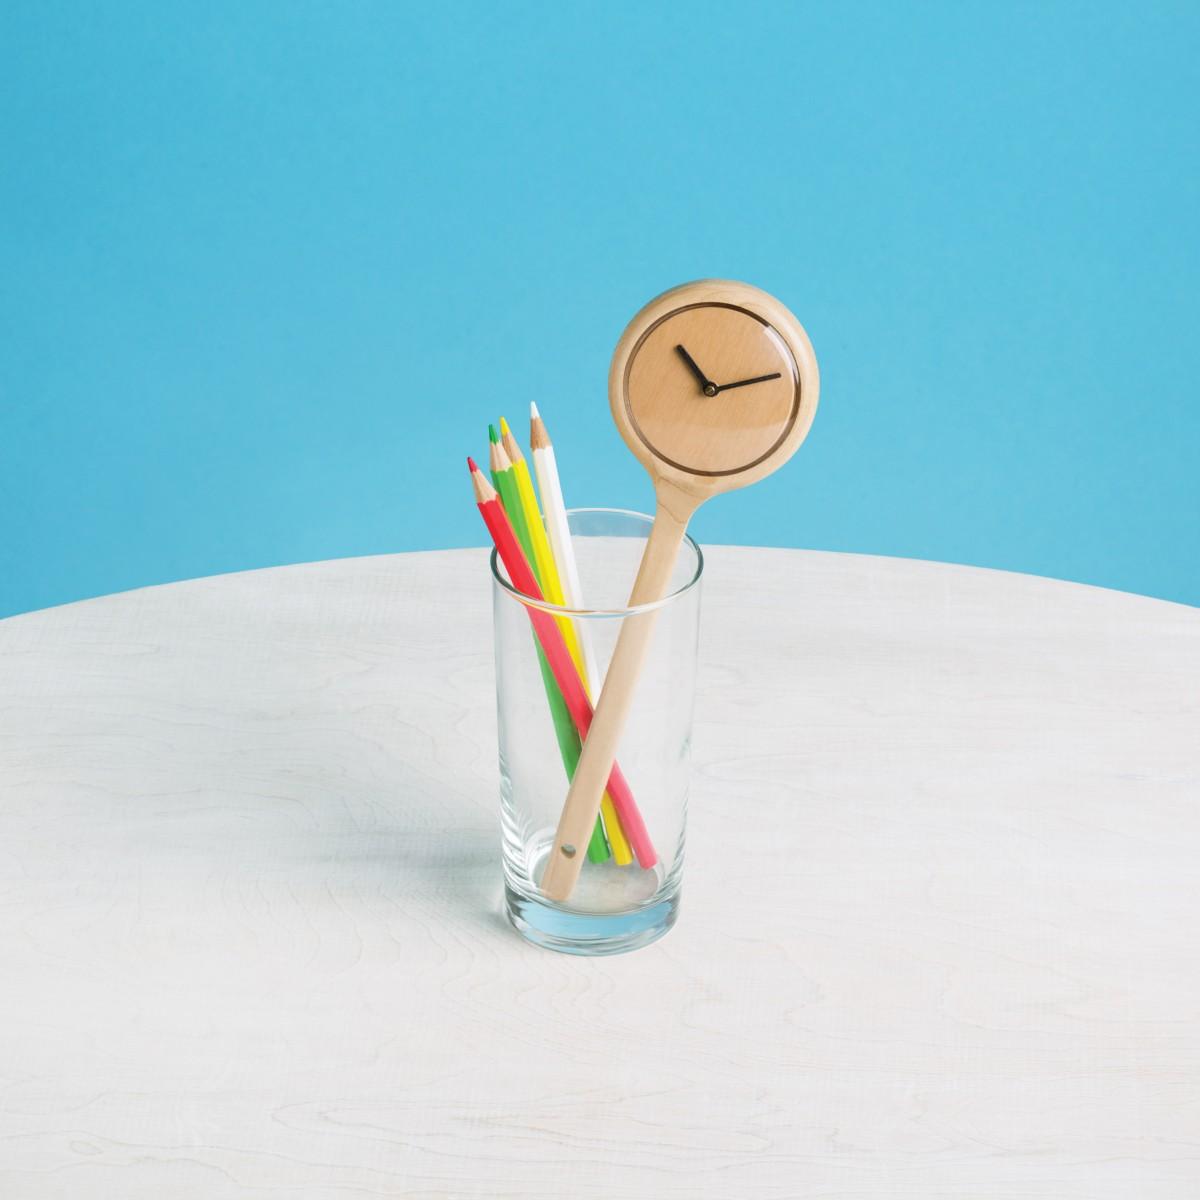 880250-390-spoon_clock-001_4.jpg